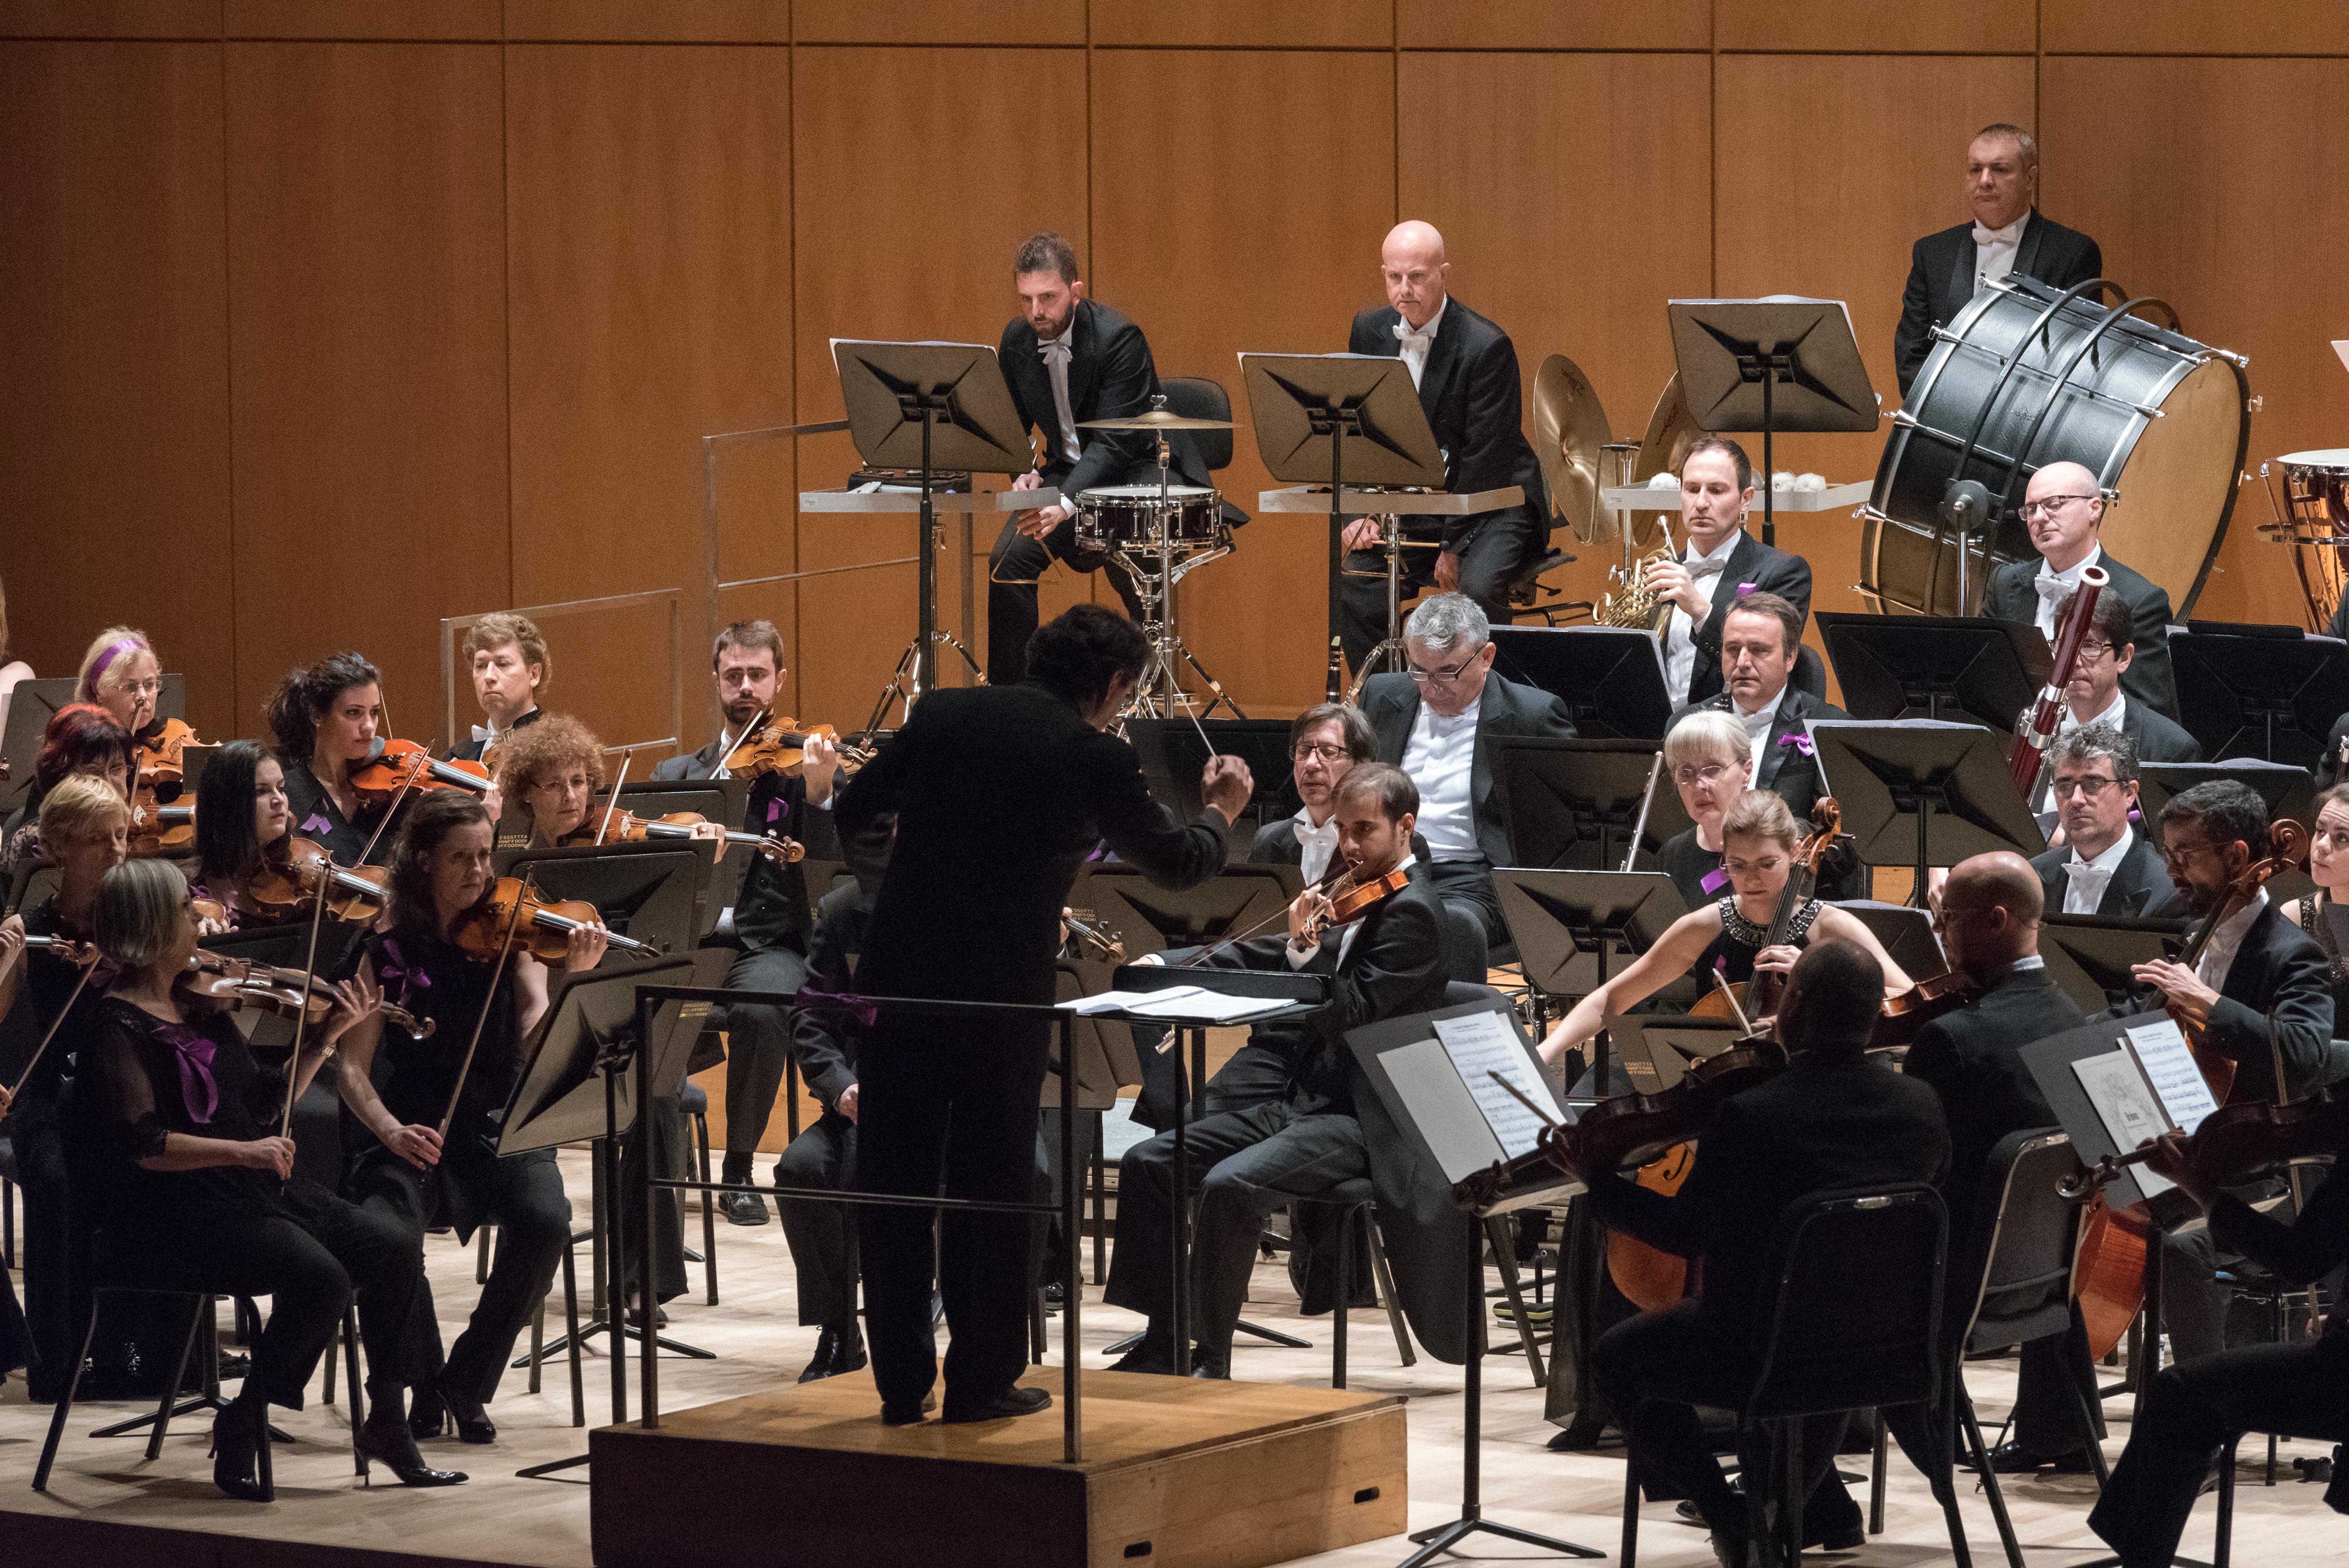 La Orquesta Sinfónica de Castilla y León interpreta a Gombau, Dvorák y Brahms para conmemorar el VIII Centenario